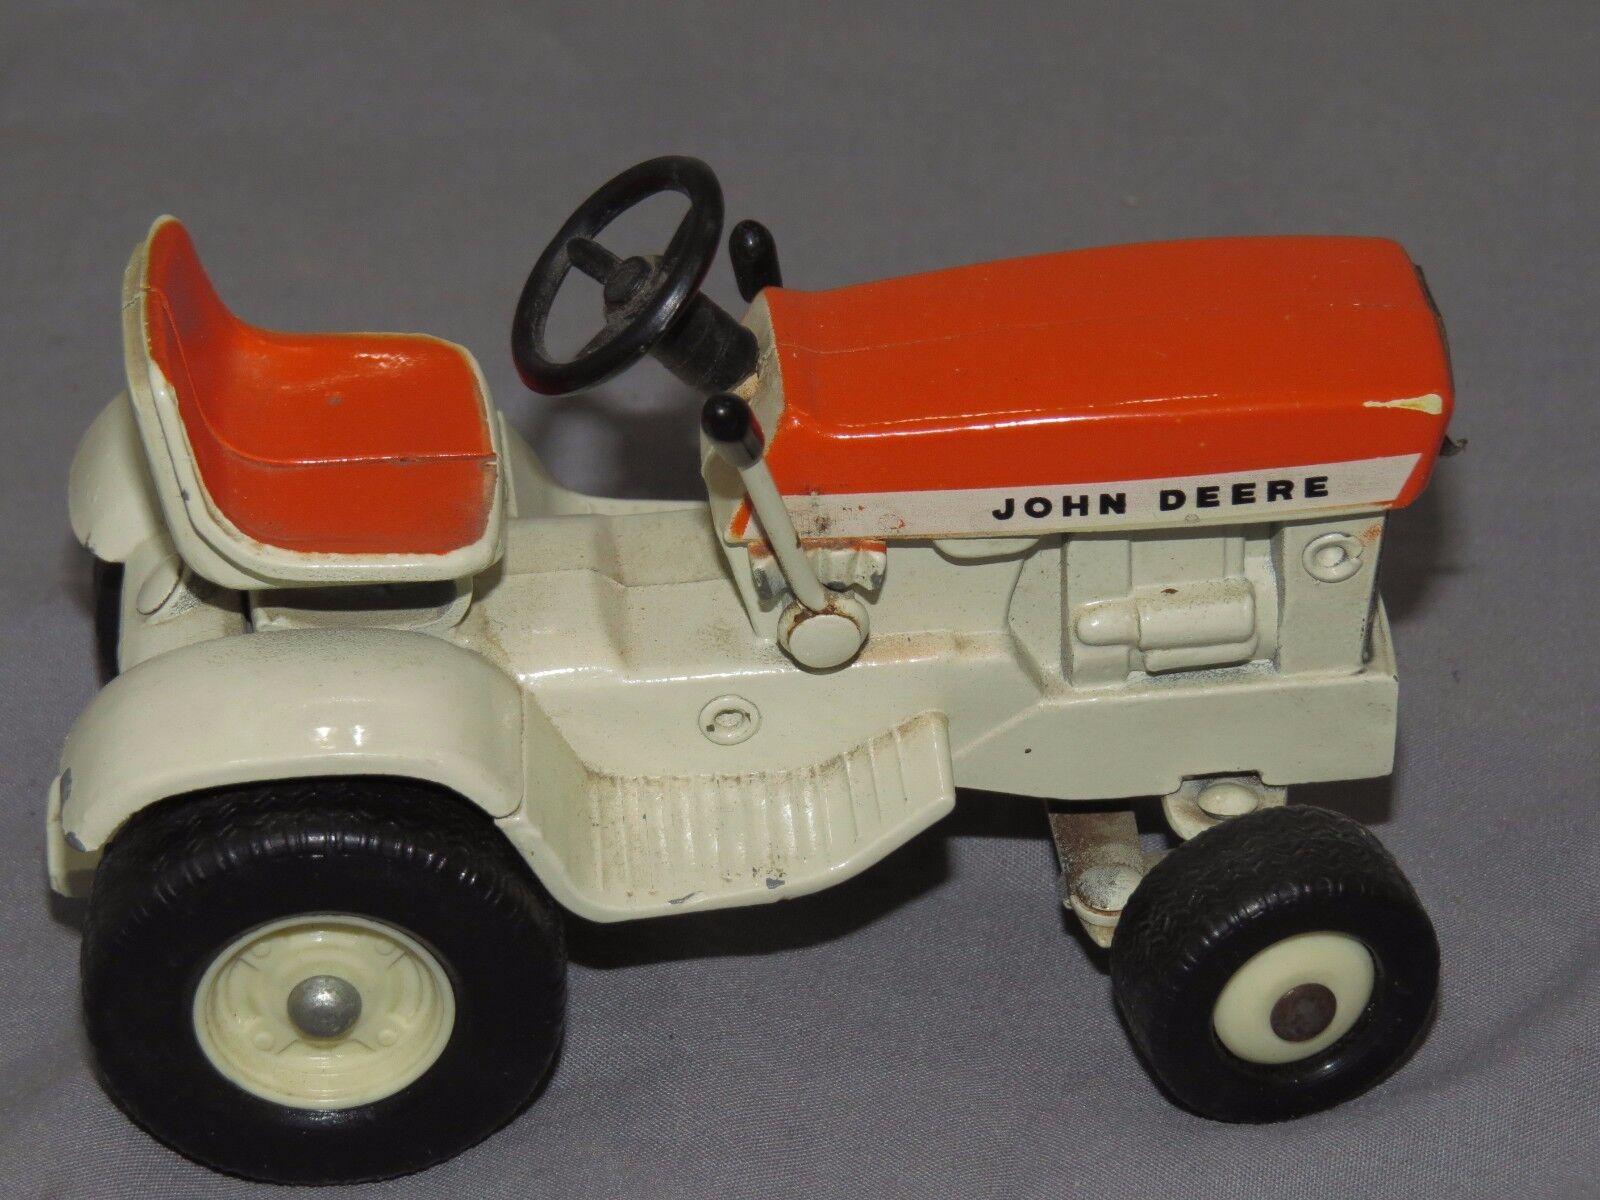 Vintage John Deere 140 Lawn Garden 1 16 Toy Toy Toy Tractor Ertl PATIO Sunset orange 59347d